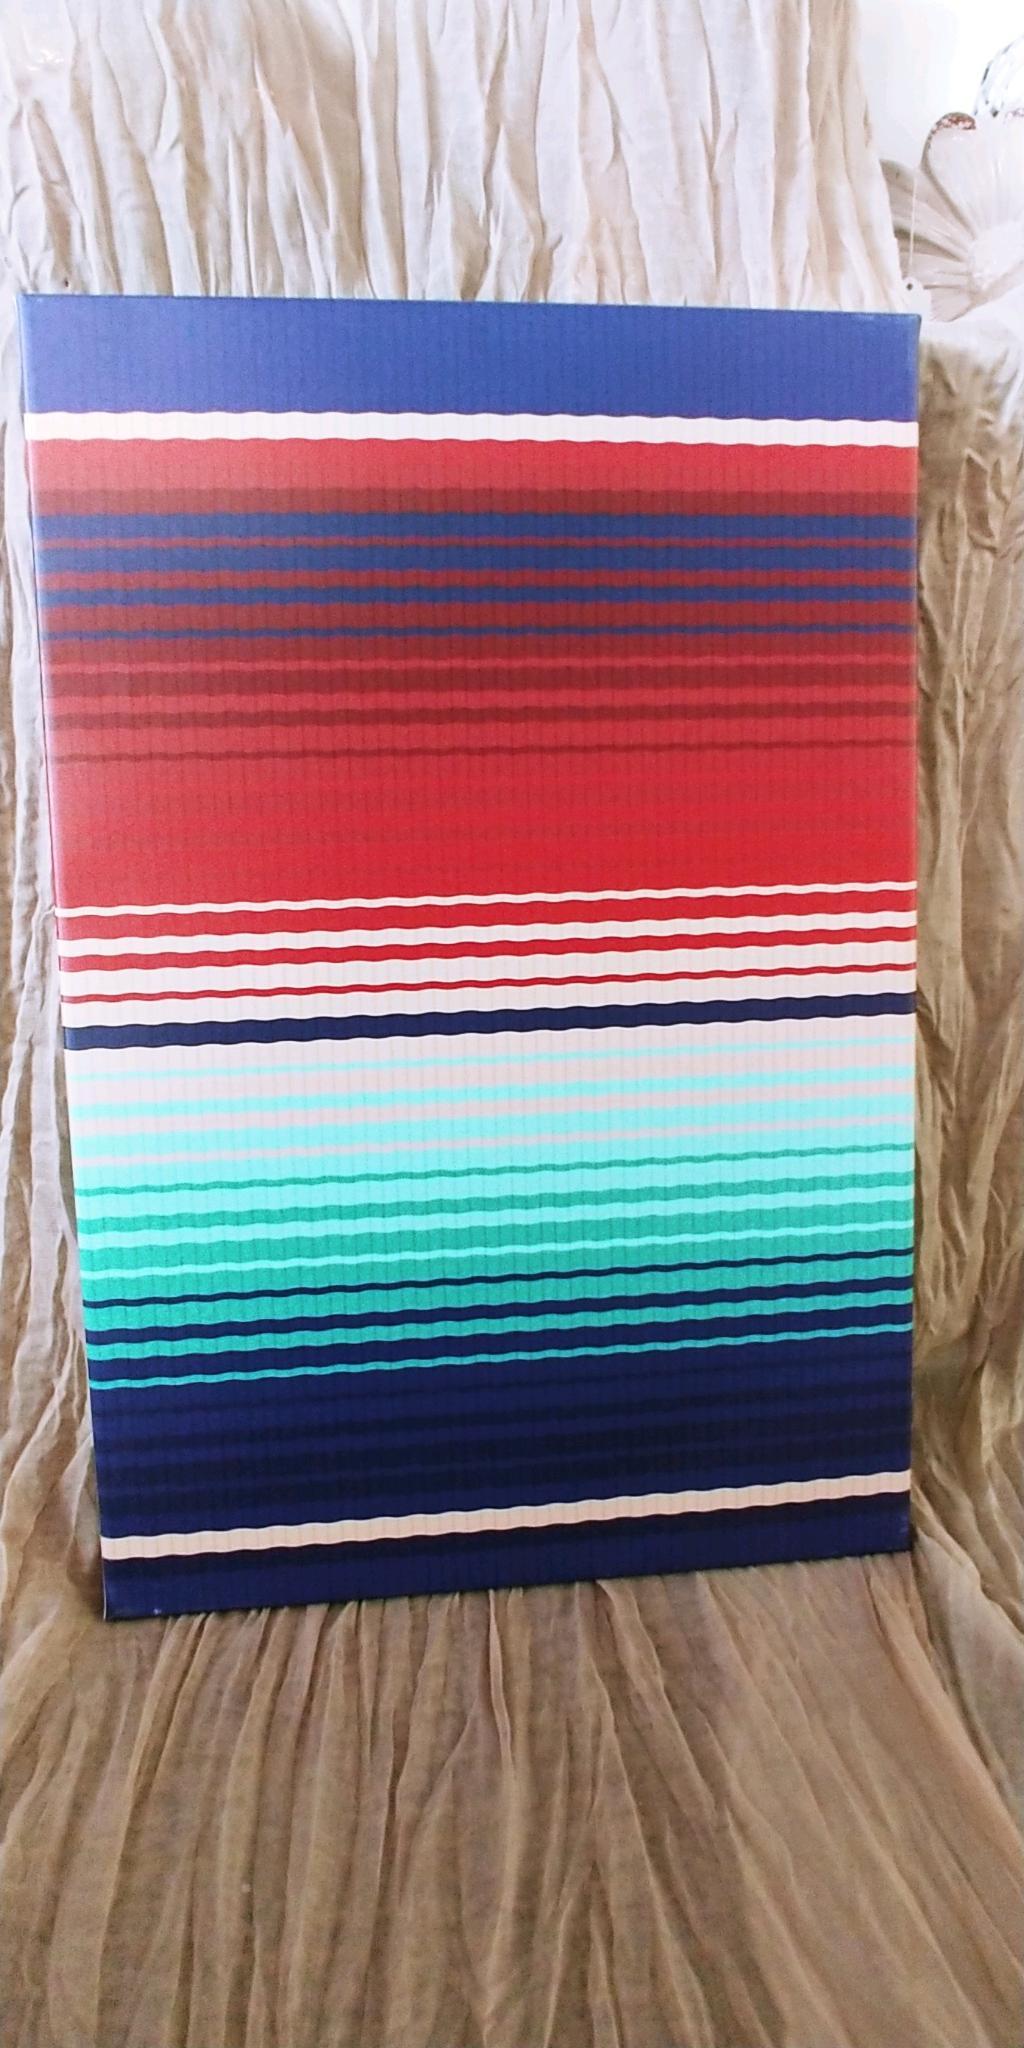 Multicolored Striped Canvas Print